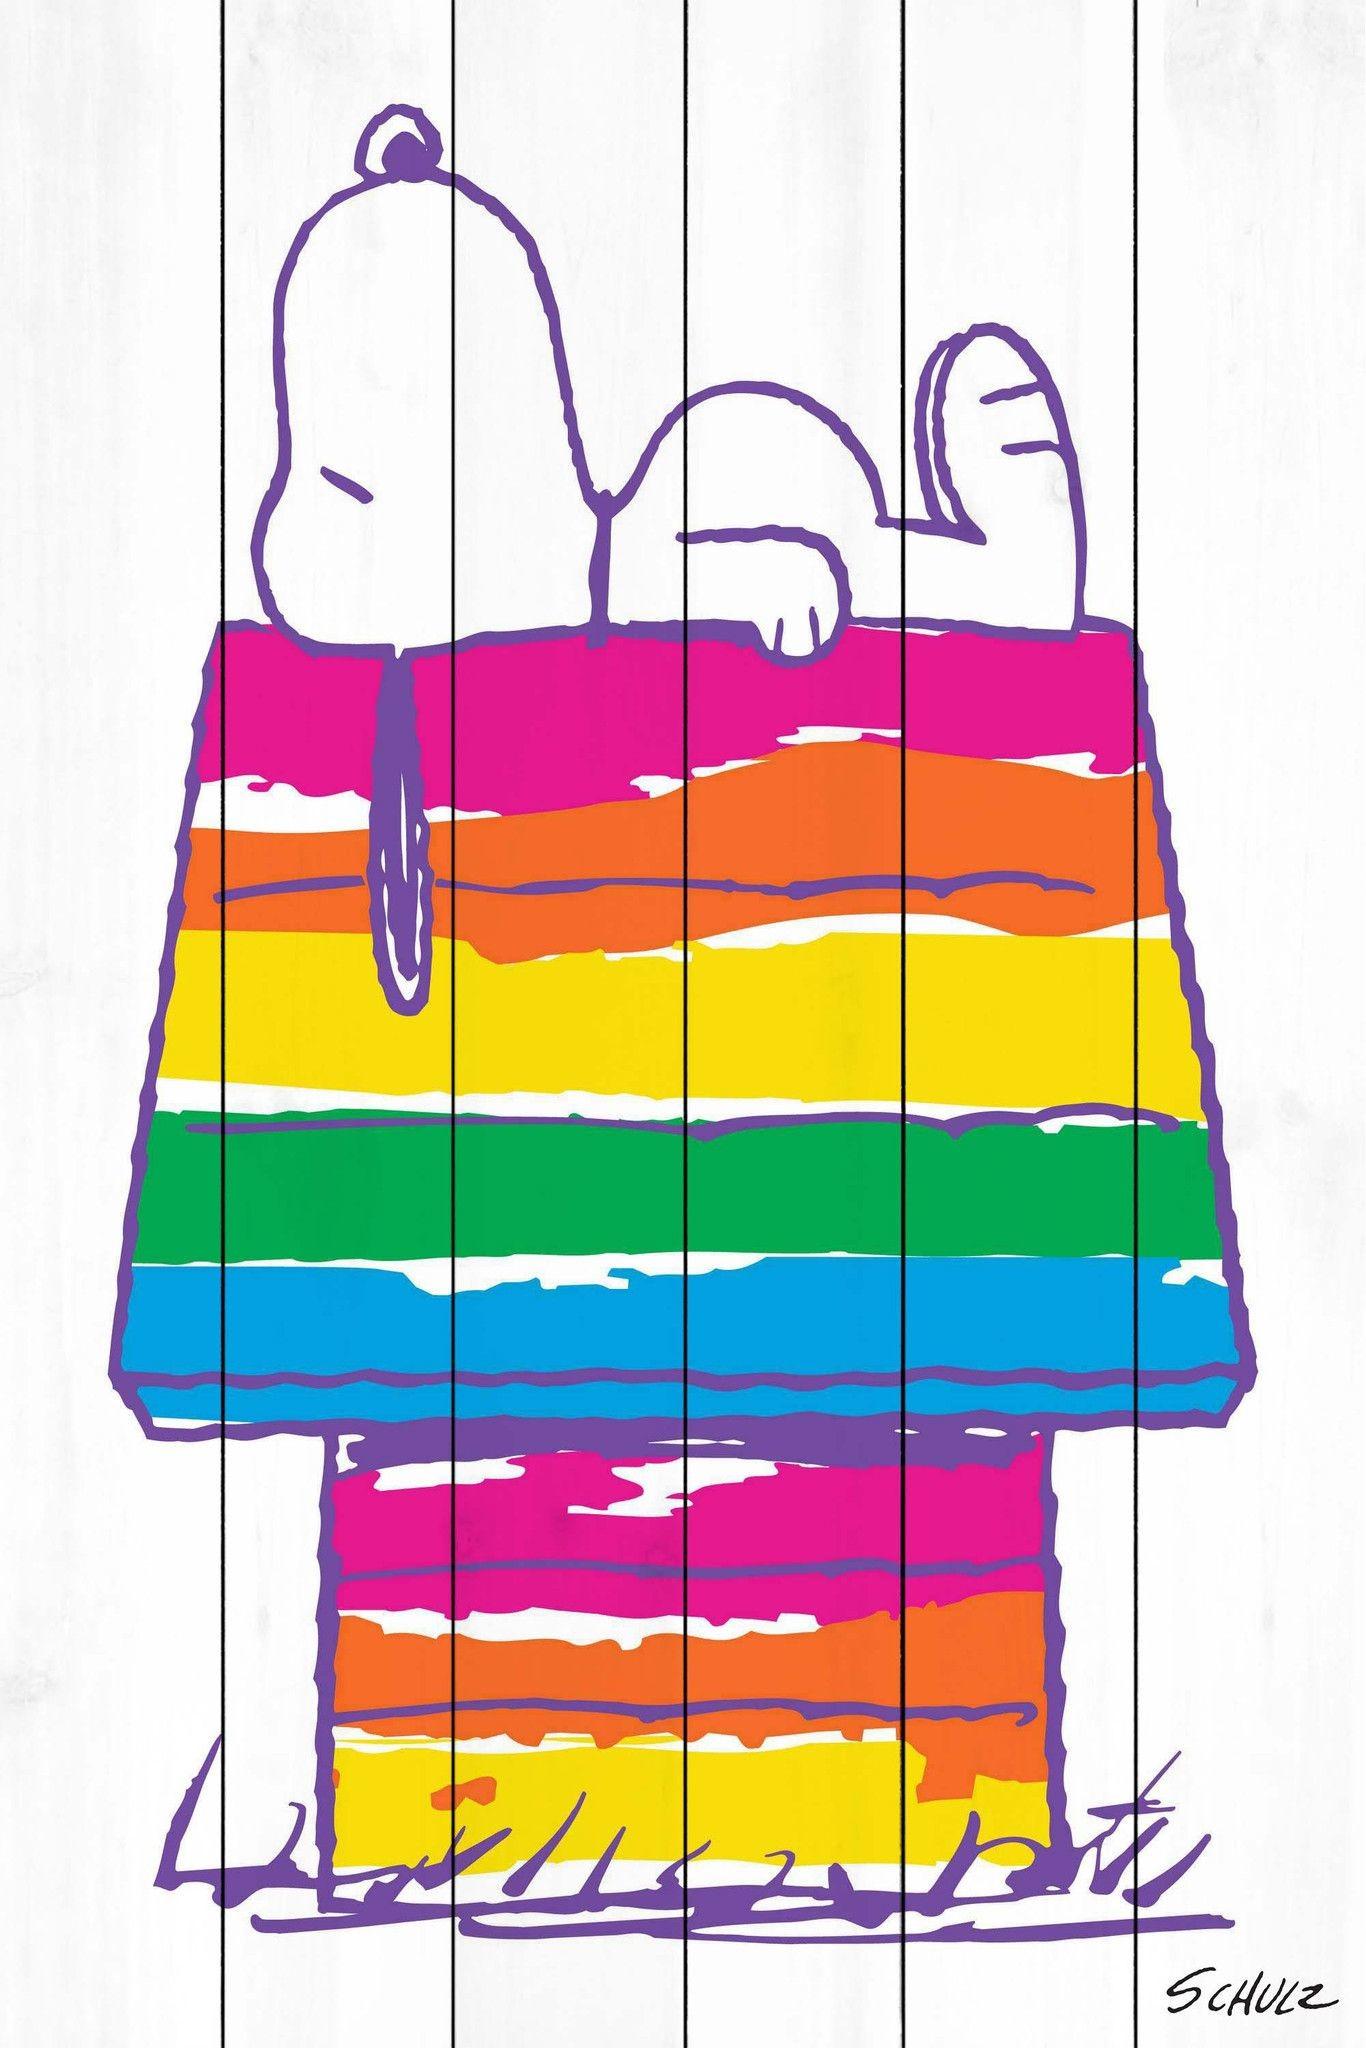 Snoopy's Rainbow House